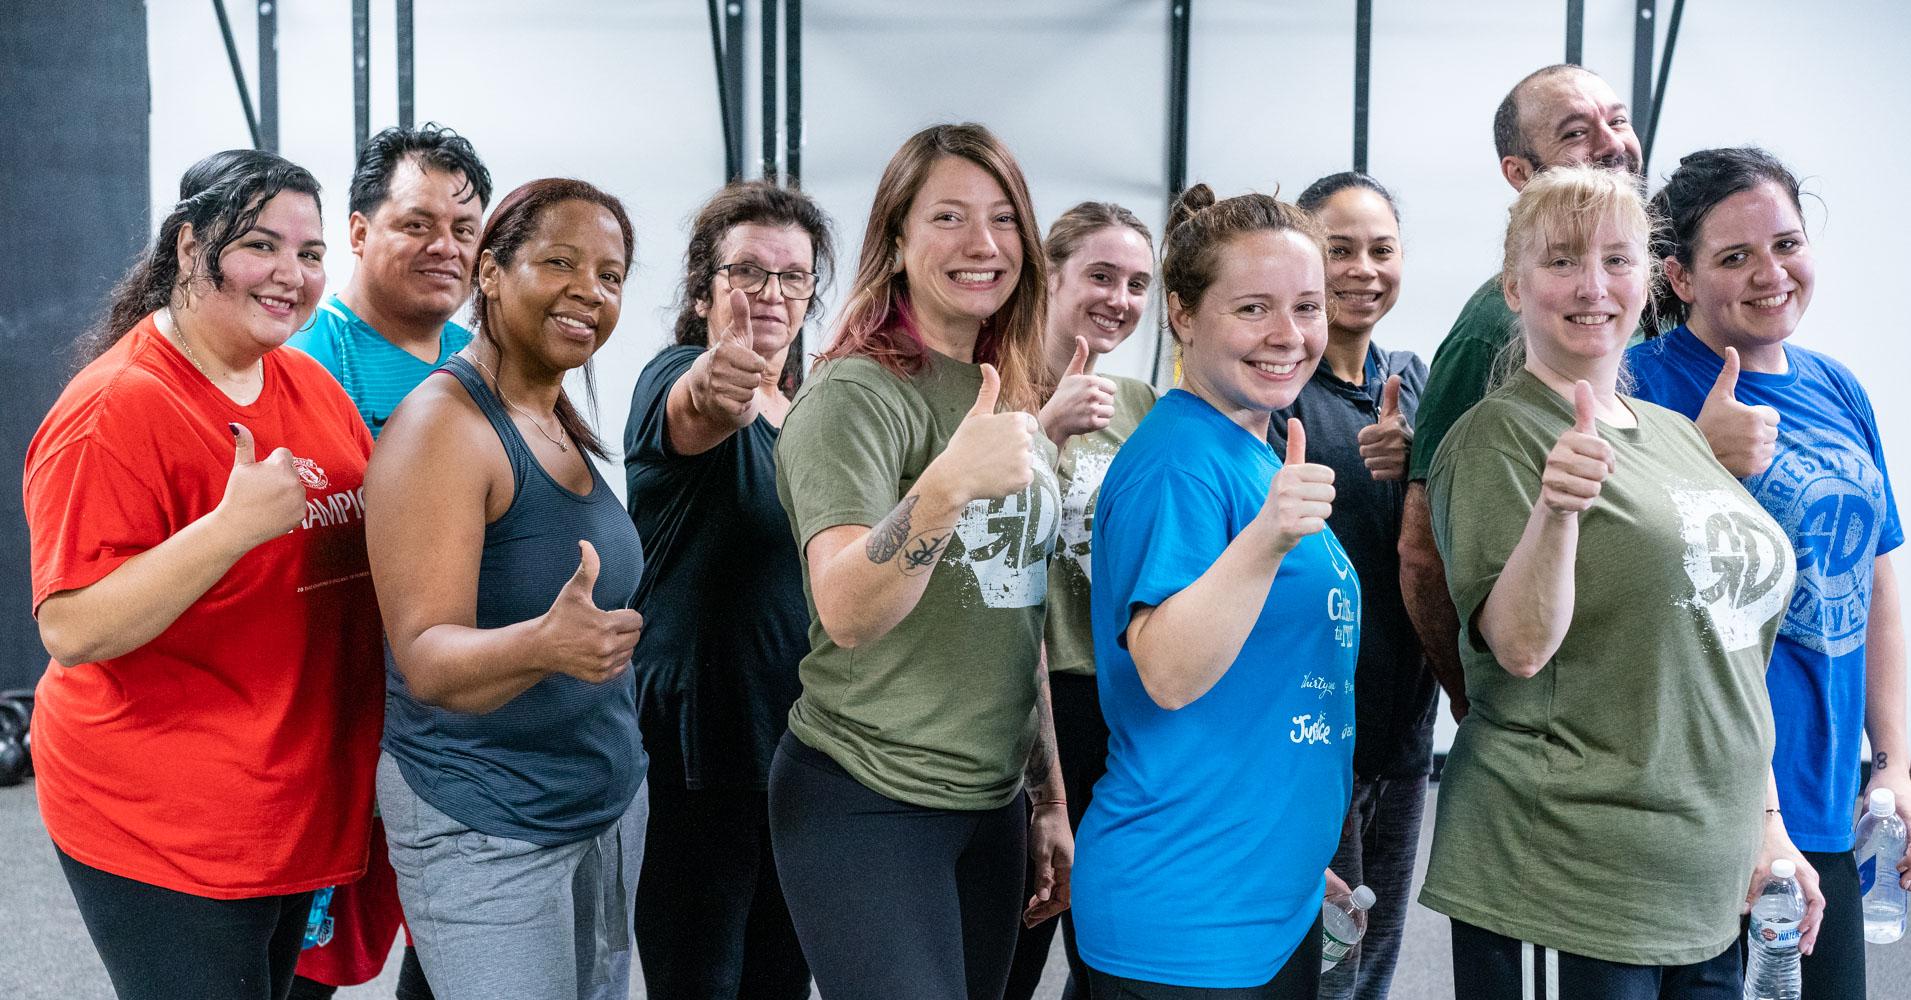 team thumbs up 9 women 2 men saturday morning facebook ad.jpg